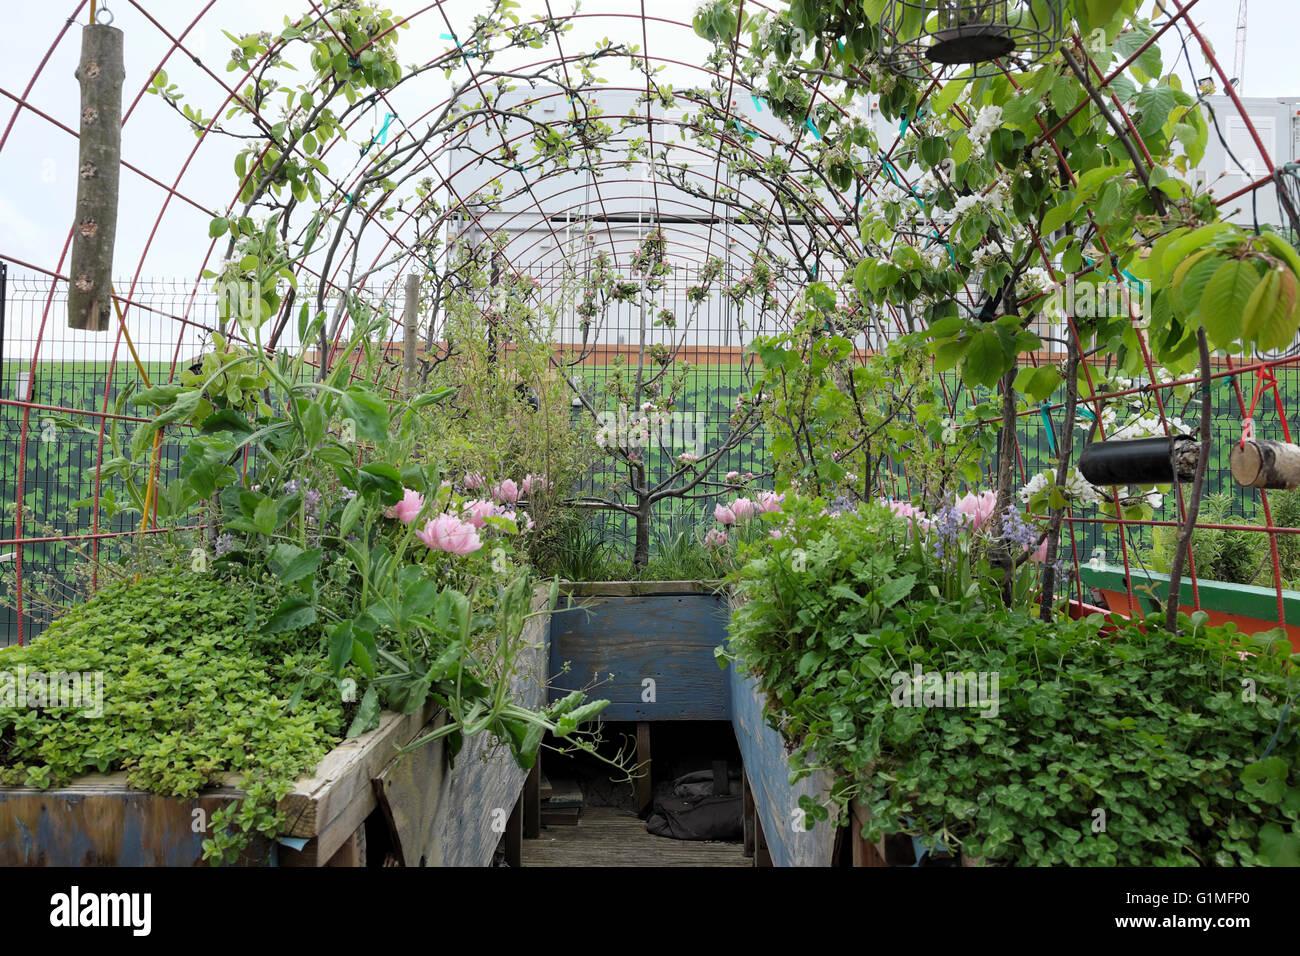 Manzano en flor y rosa tulipanes creciendo en una jaula de alambre arqueada al saltar Jardín en Kings Cross Imagen De Stock